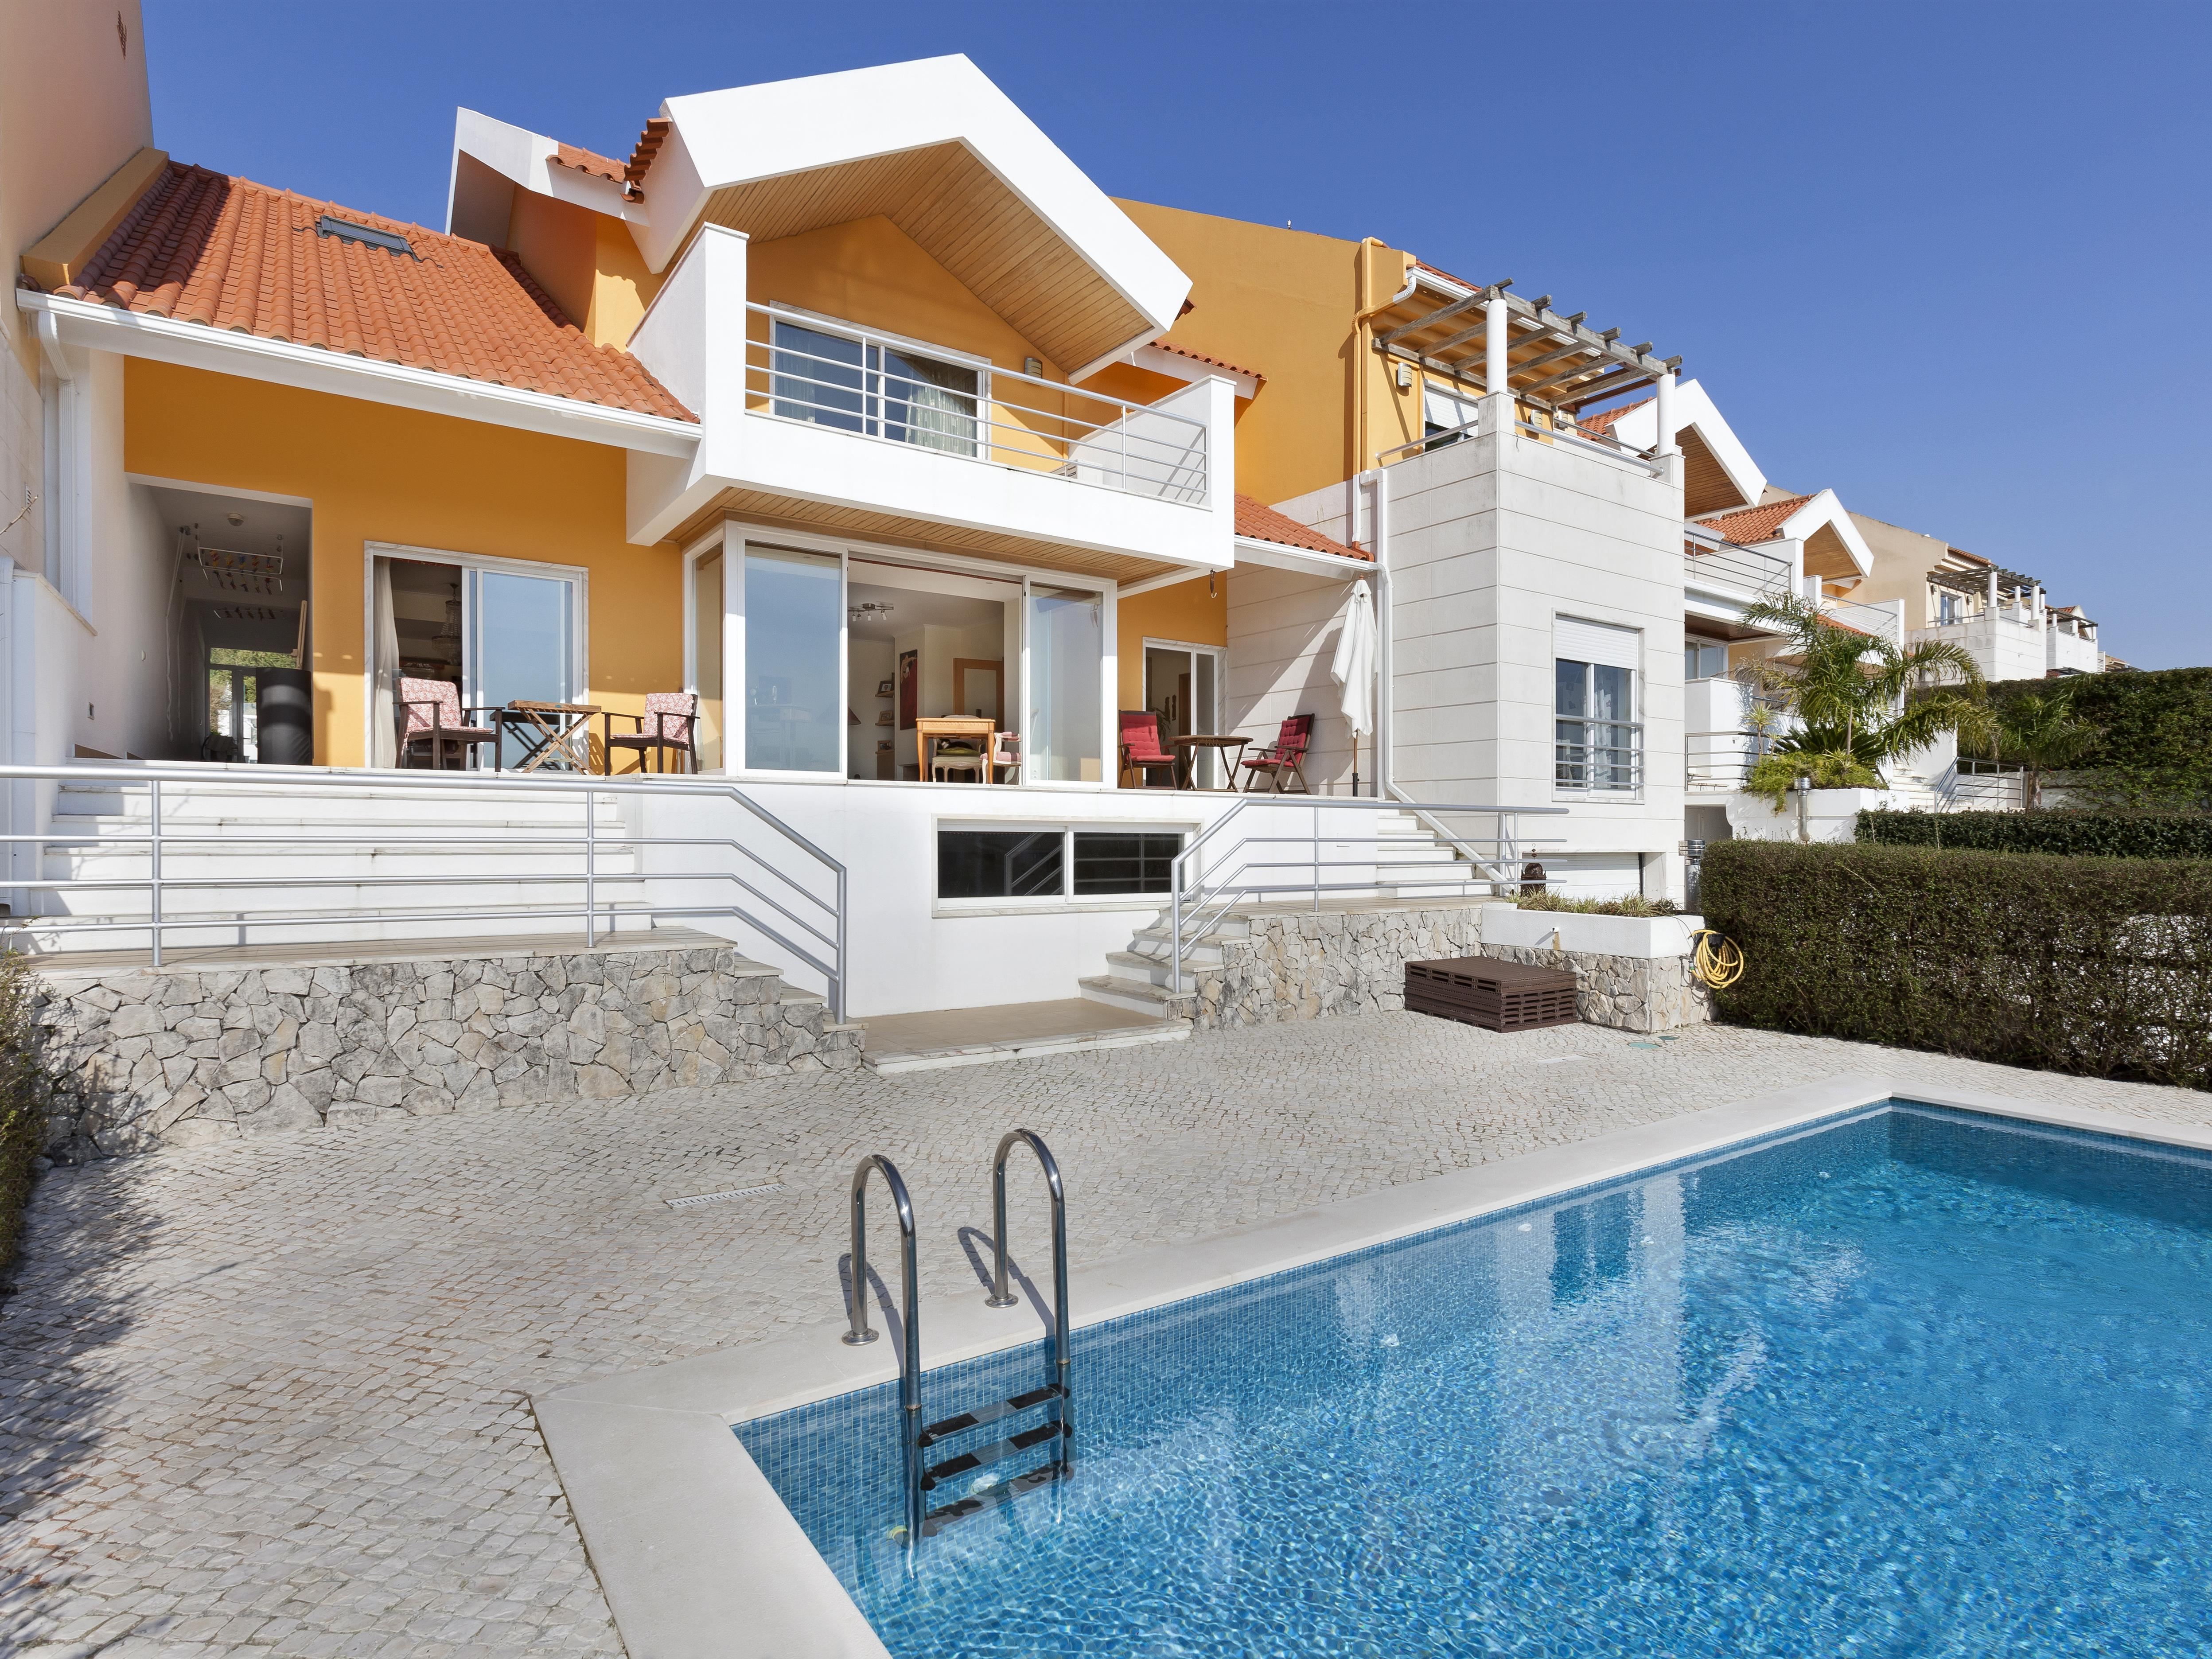 Einfamilienhaus für Verkauf beim House, 5 bedrooms, for Sale Sintra, Lissabon 2605-299 Portugal